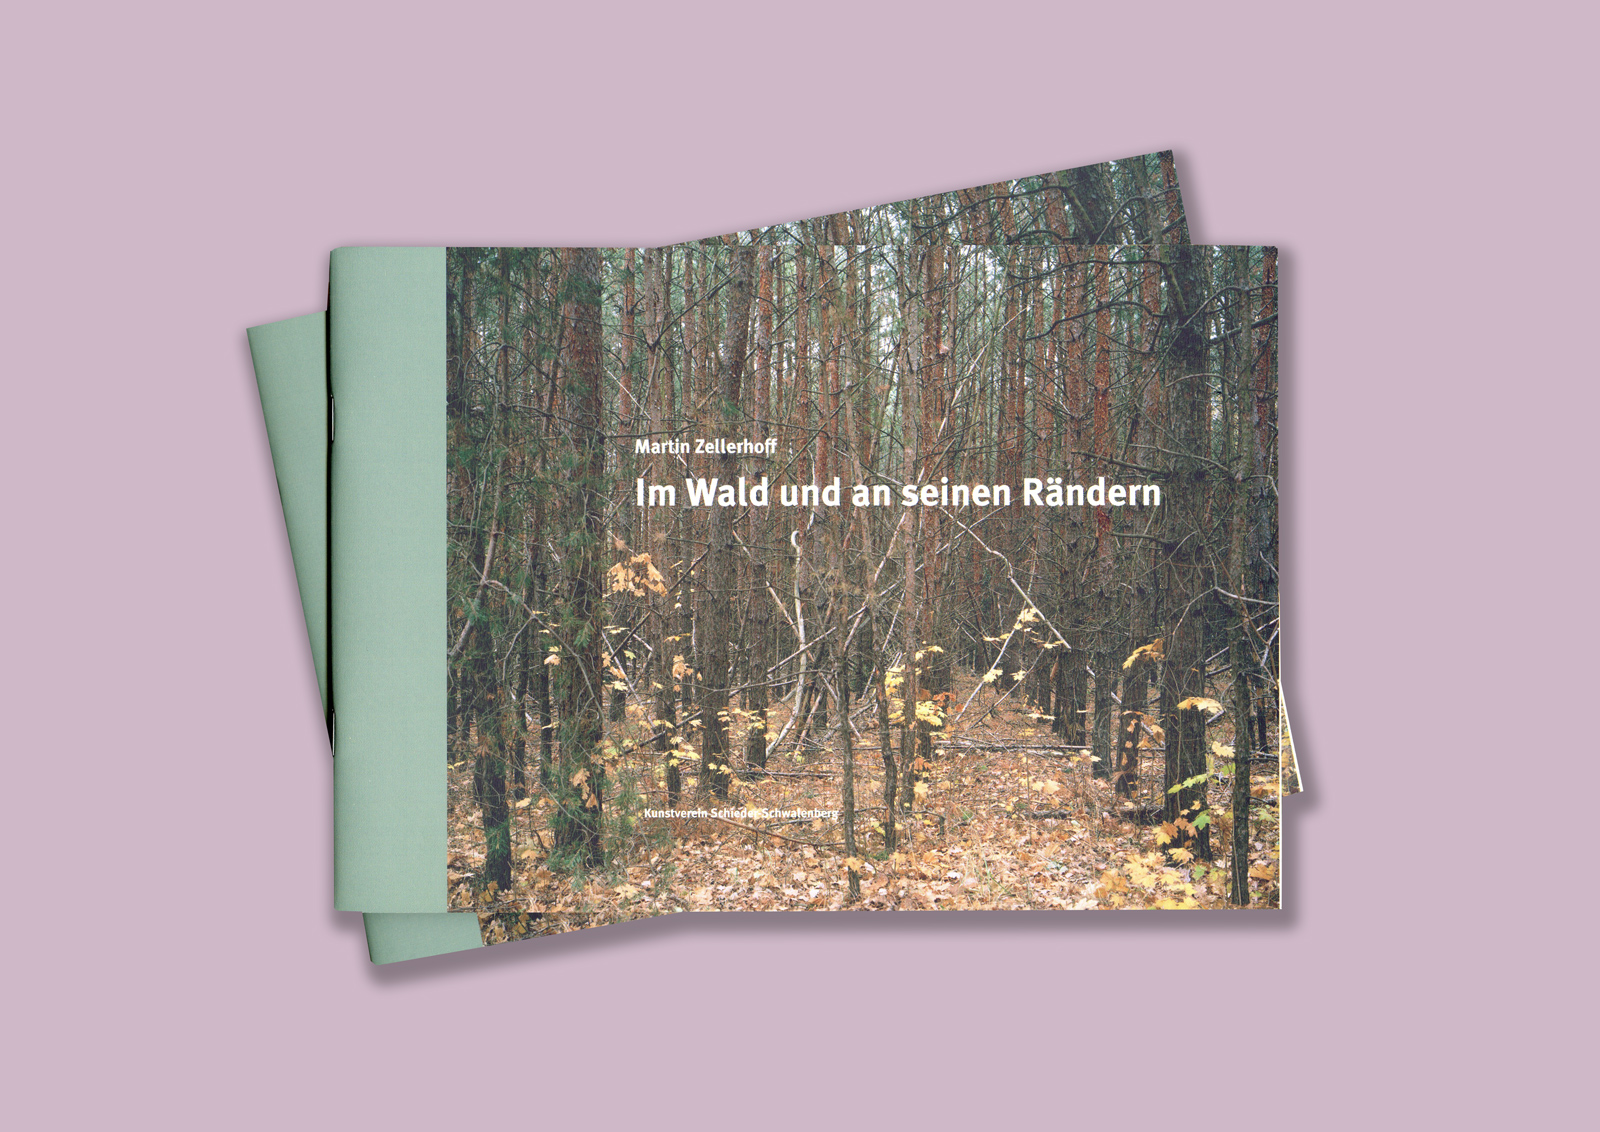 Martin-Zellerhoff-Im-Wald-Und-An-Seinen-Rändern-Krautin-Verlag6